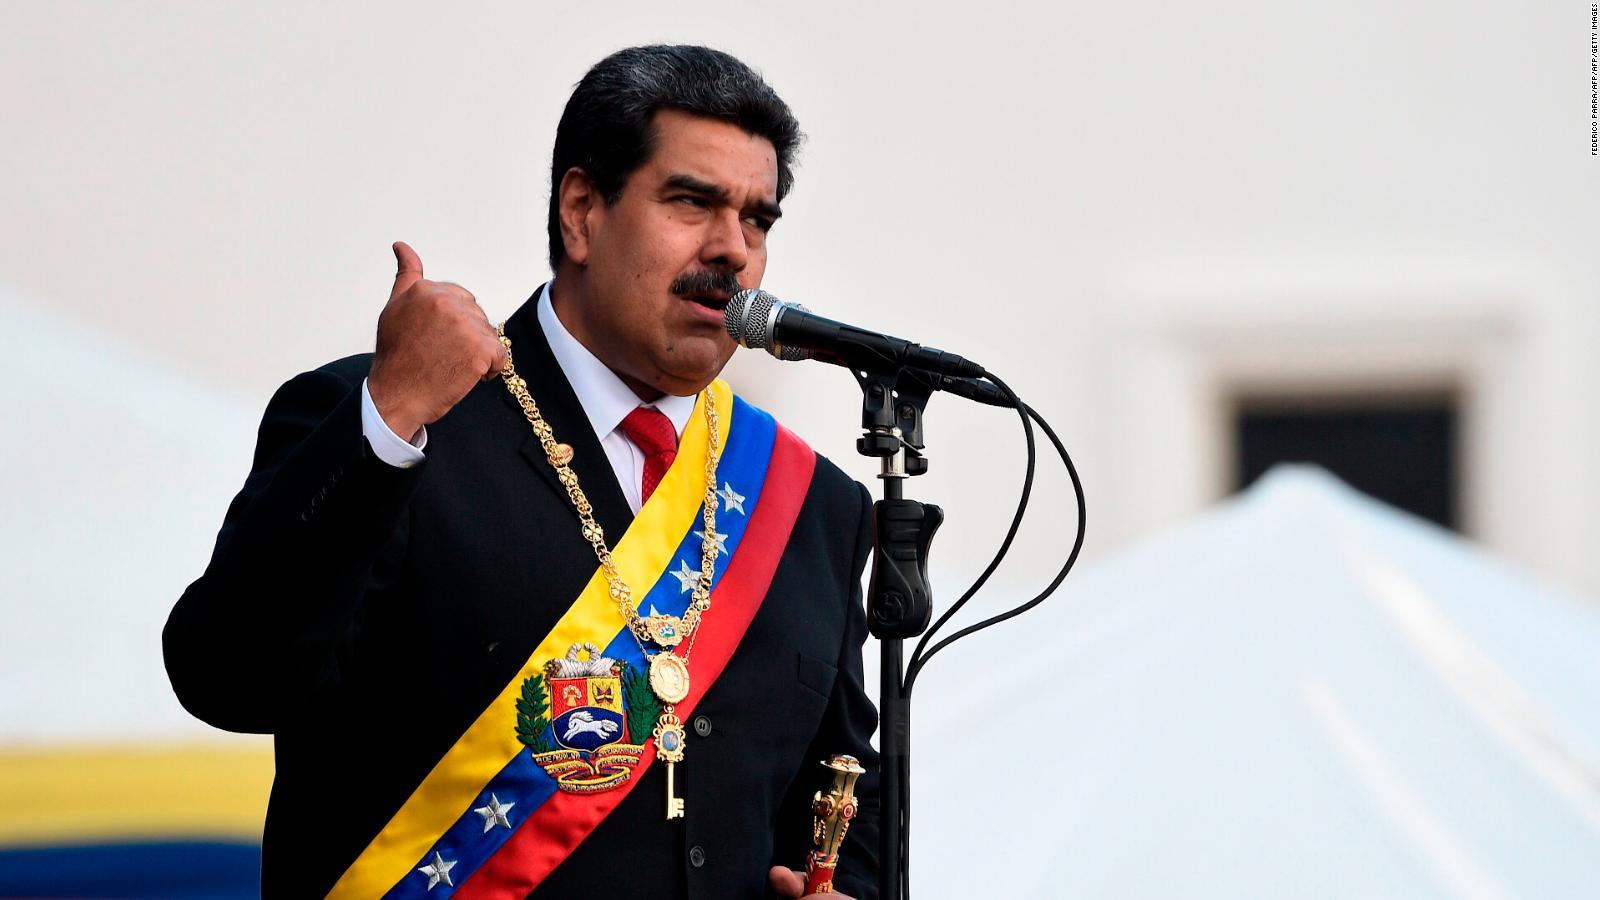 ¿Qué piensan los venezolanos de una salida negociada con Maduro?